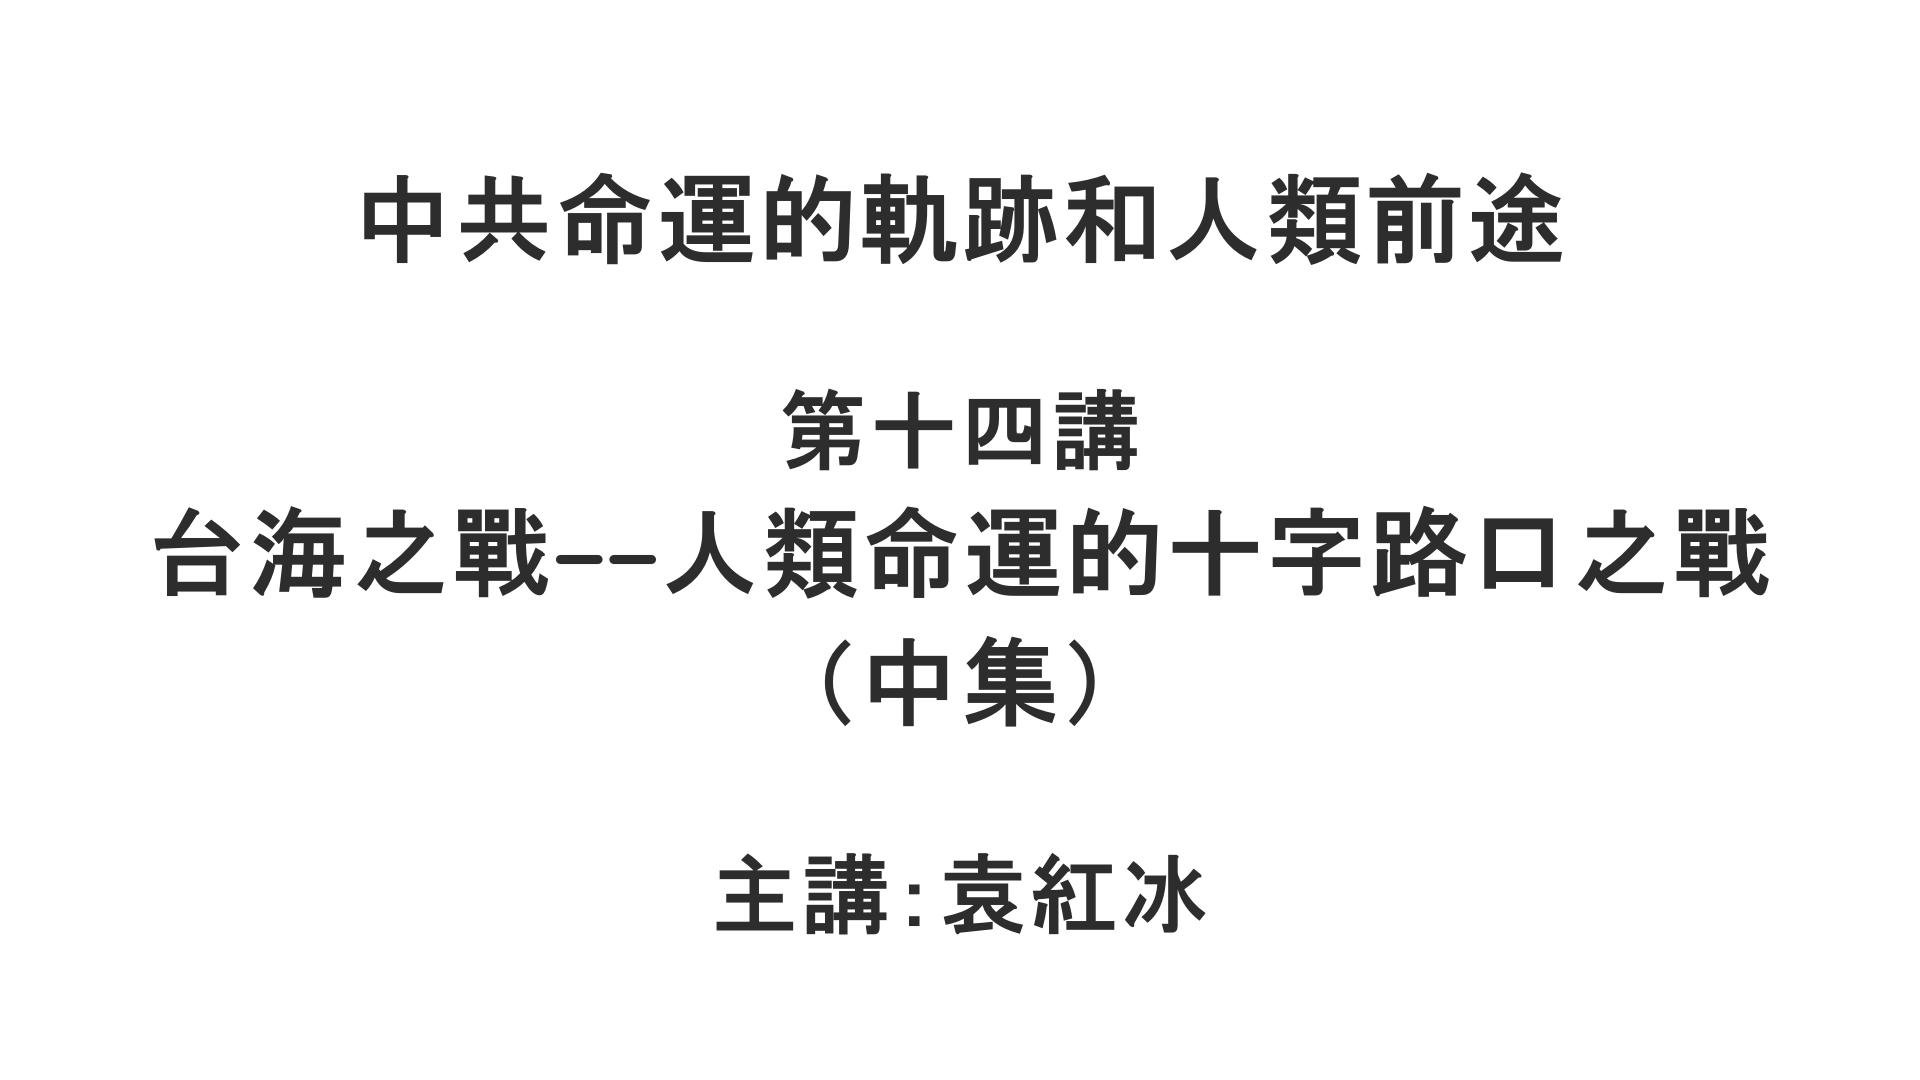 YuanHongBing-ZongLun-5-14-05112021